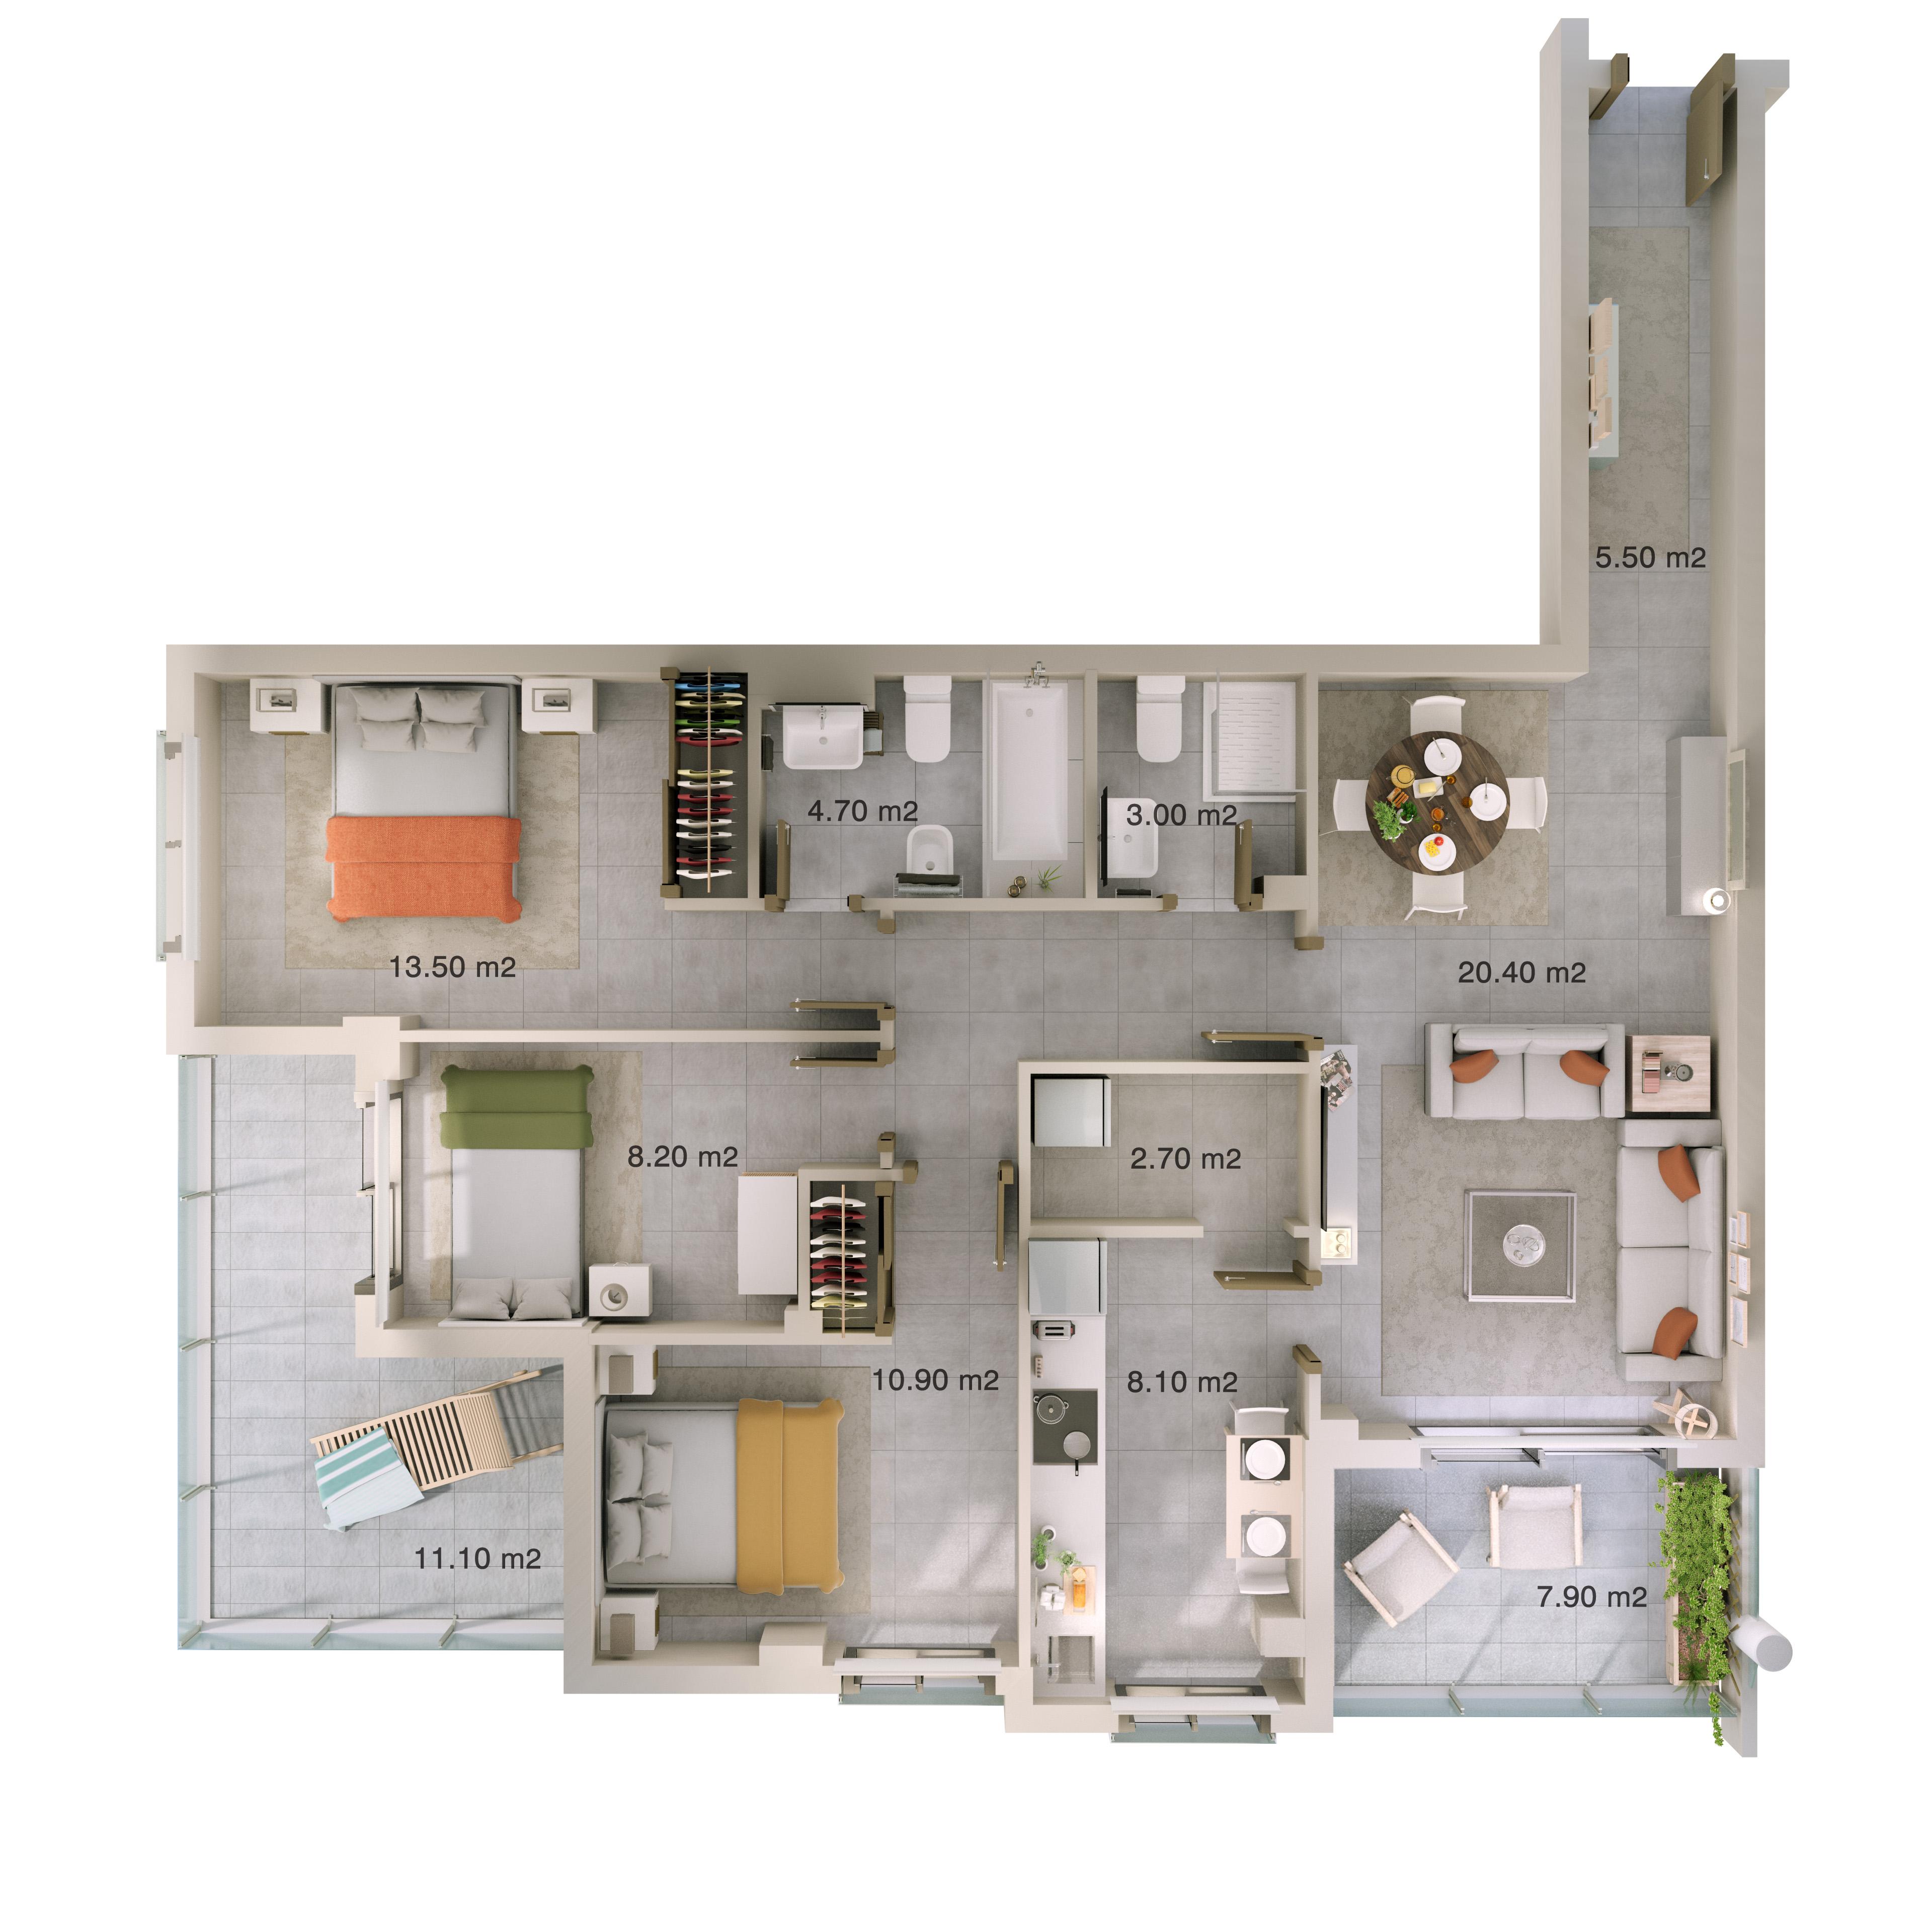 Plan 4-Zimmer-Wohnung mit m2